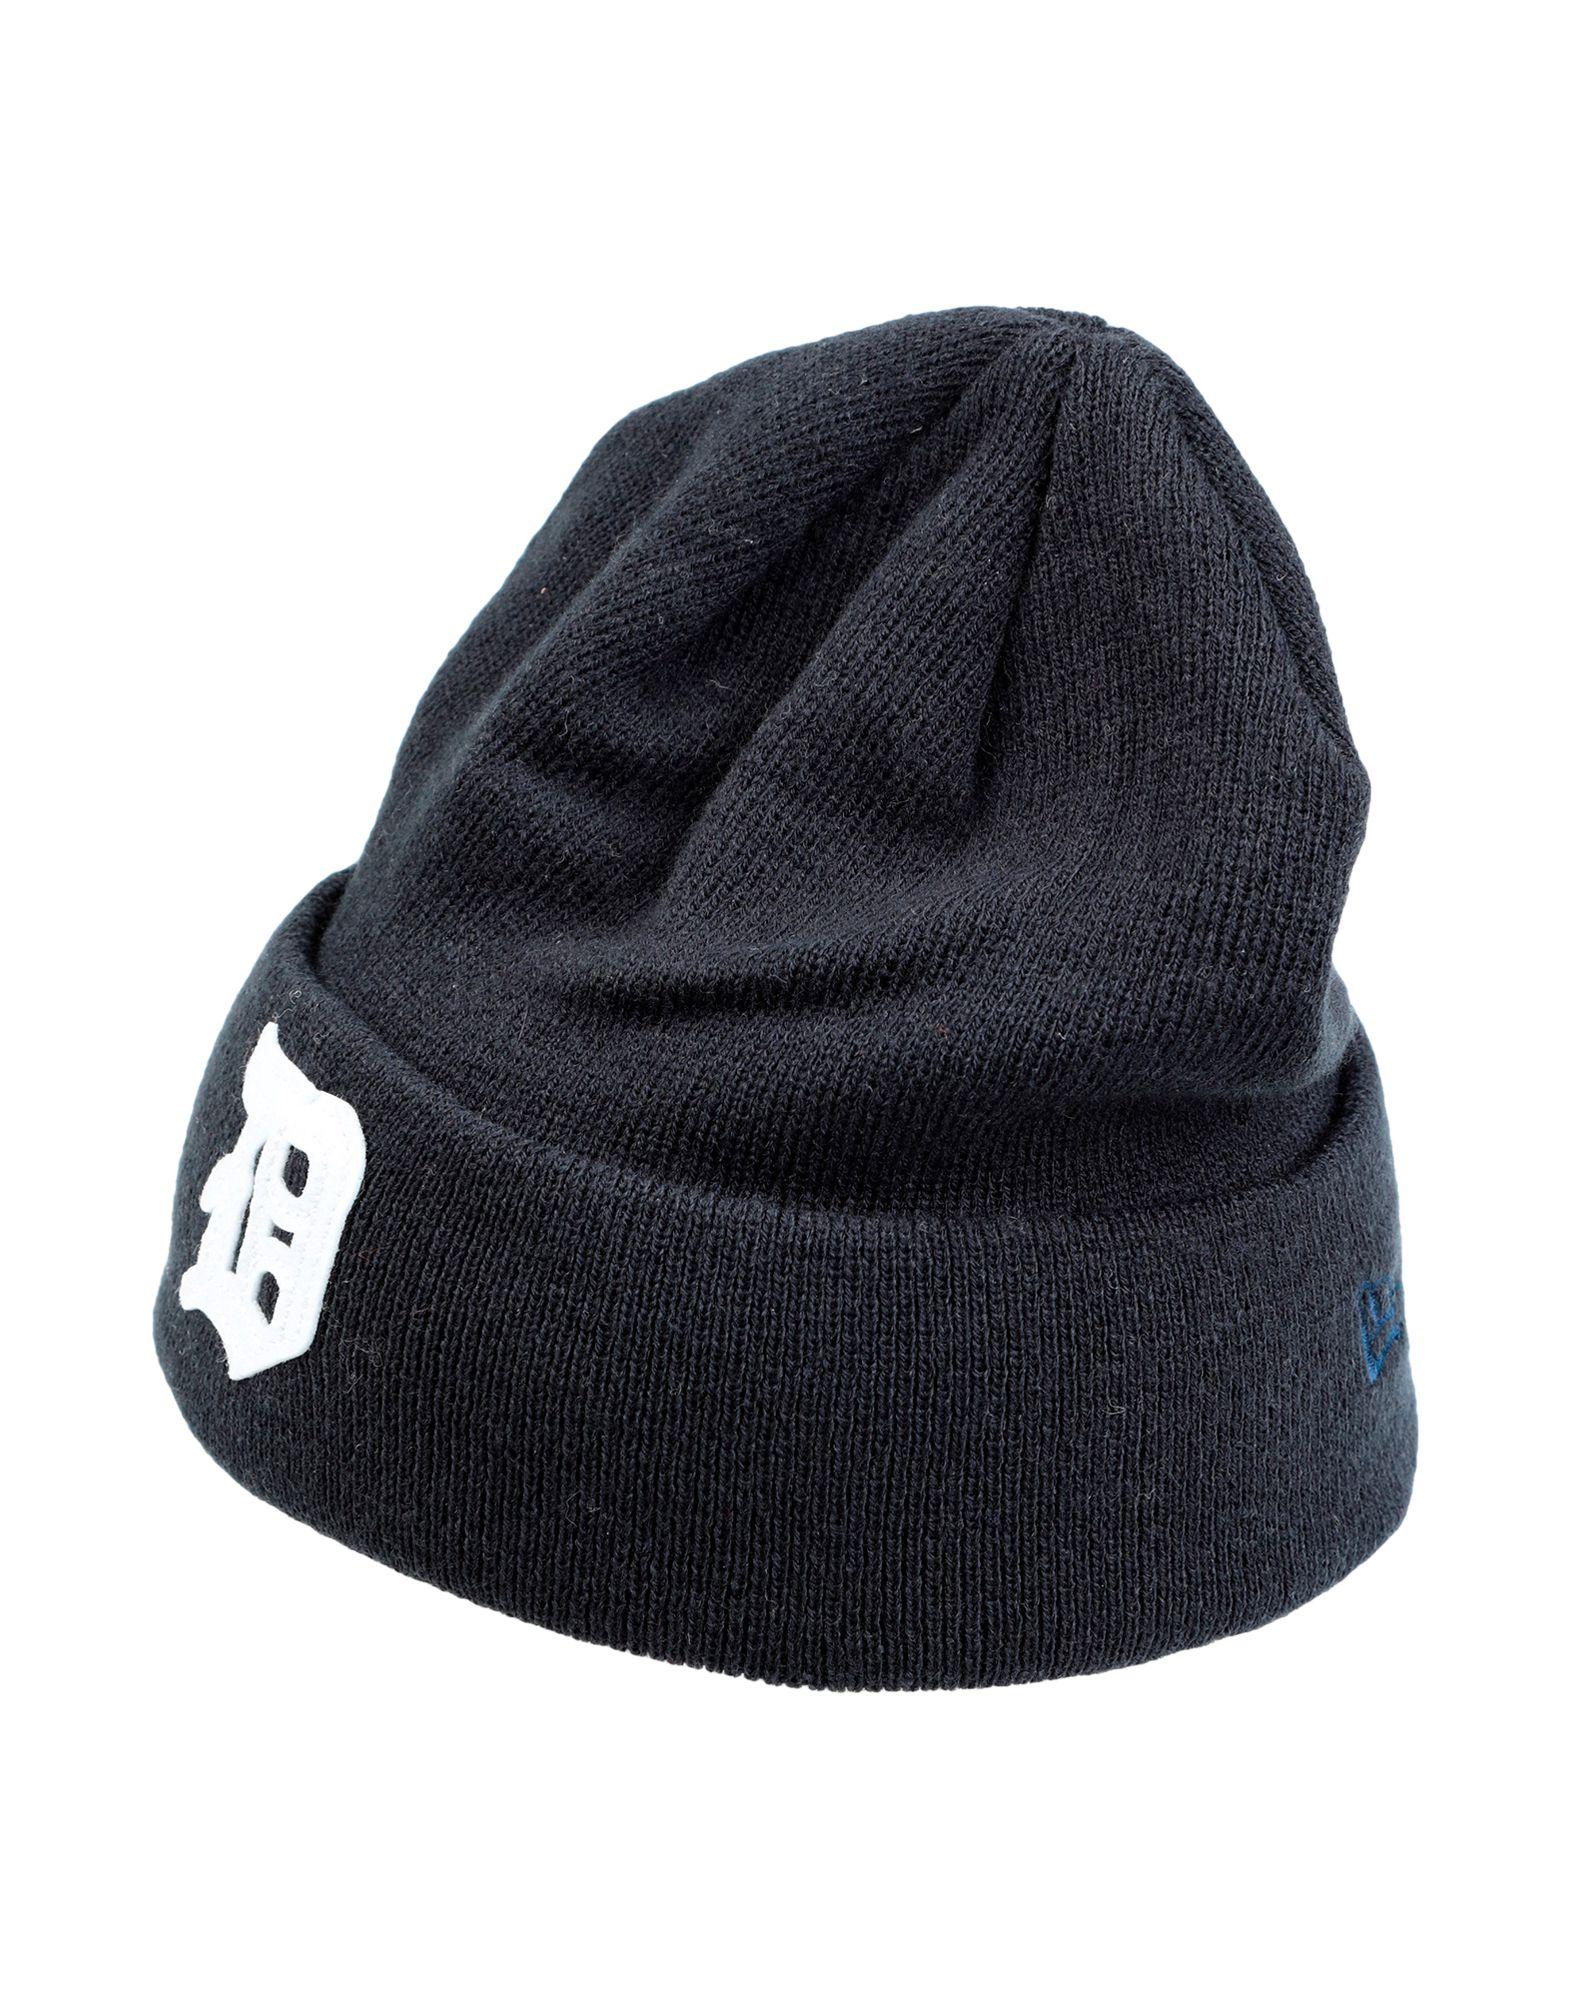 《期間限定 セール開催中》NEW ERA メンズ 帽子 ダークブルー one size アクリル 100%